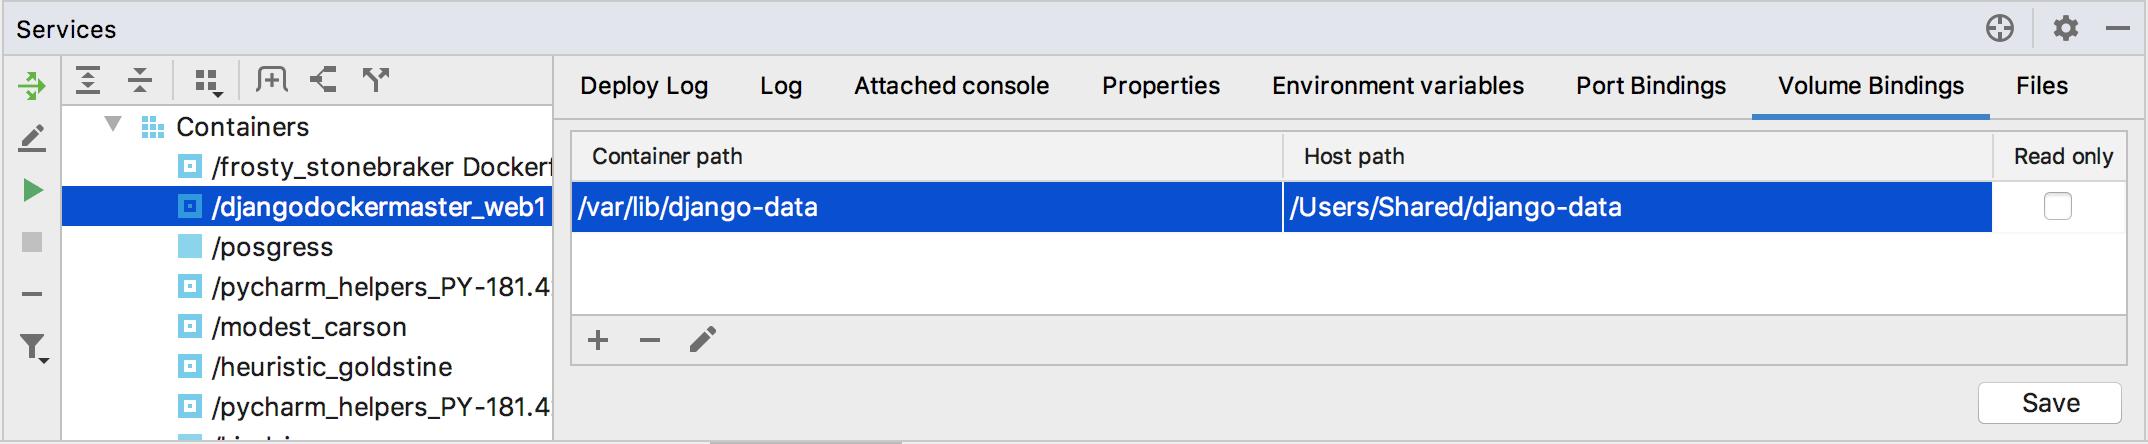 The Volume Bindings tab